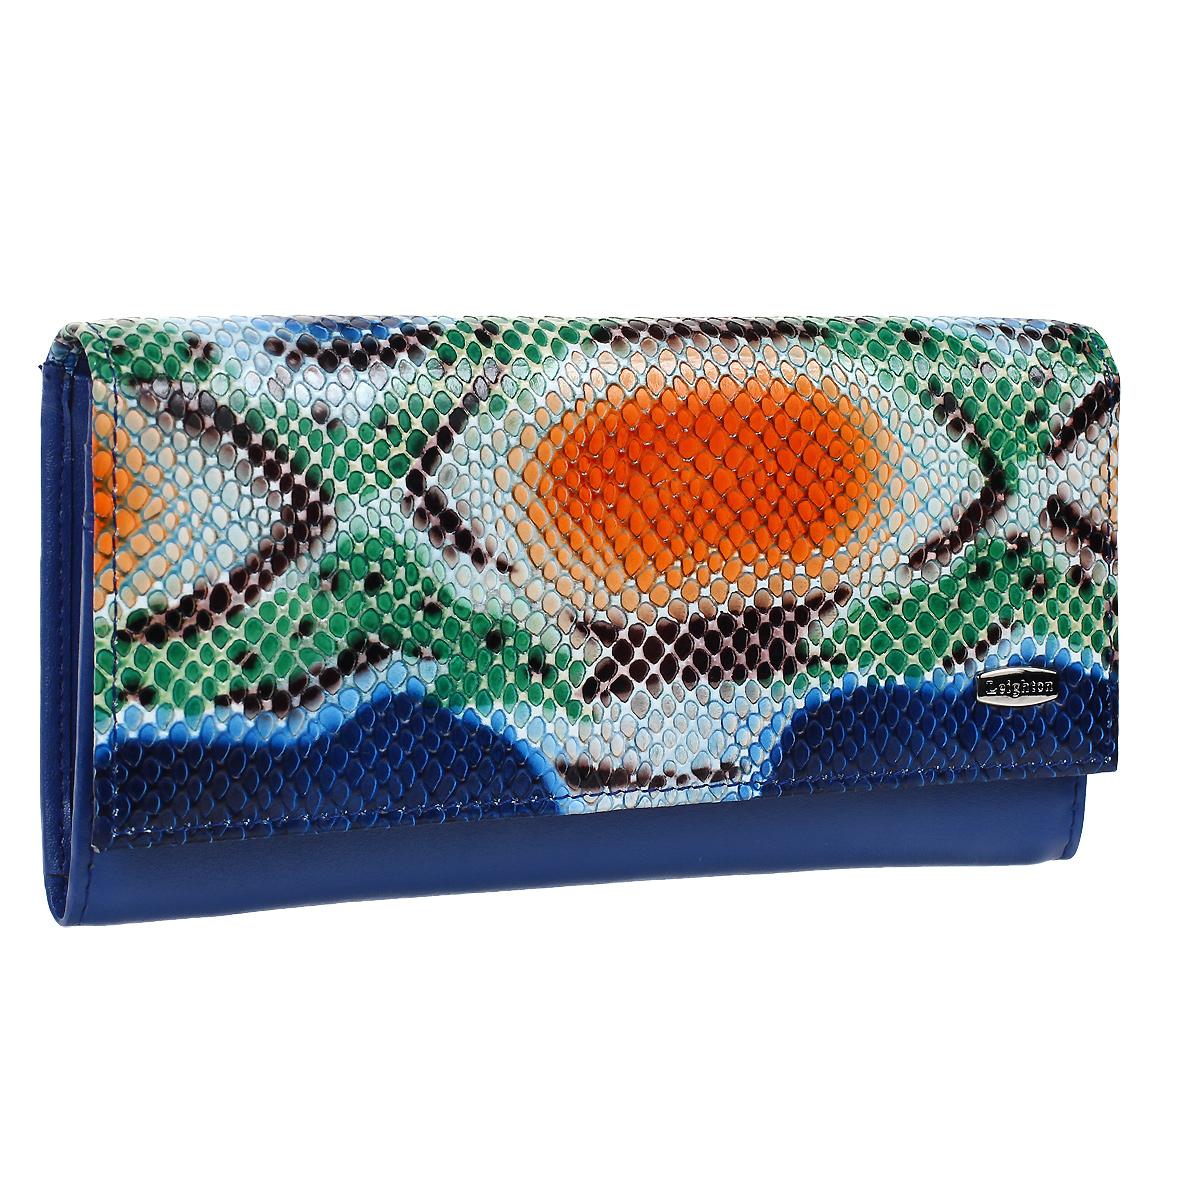 Кошелек женский Leighton, цвет: синий питон. 22161-15511/1583422161-15511/15834 син питКошелек Leighton выполнен из высококачественной натуральной кожи синего цвета с декоративным теснением под рептилию. Кошелек закрывается широким клапаном на кнопку. Имеет внутри отделение для купюр, шесть отделений под визитки и пластиковые карты, два кармашка с пластиковым окошком для фото и потайной карман на застежке-молнии. На внешней стороне задней стенки предусмотрено отделение для бумаг, а также карман для мелочи, закрывающийся на застежку-молнию. Имеет чехол для хранения. Классический дизайн и стильный декор в сочетании с удобством и вместительностью делают этот аксессуар незаменимым. Характеристики: Материал: натуральная кожа, металл, текстиль. Размер: 18 см х 9 см х 2,5 см. Цвет: синий.